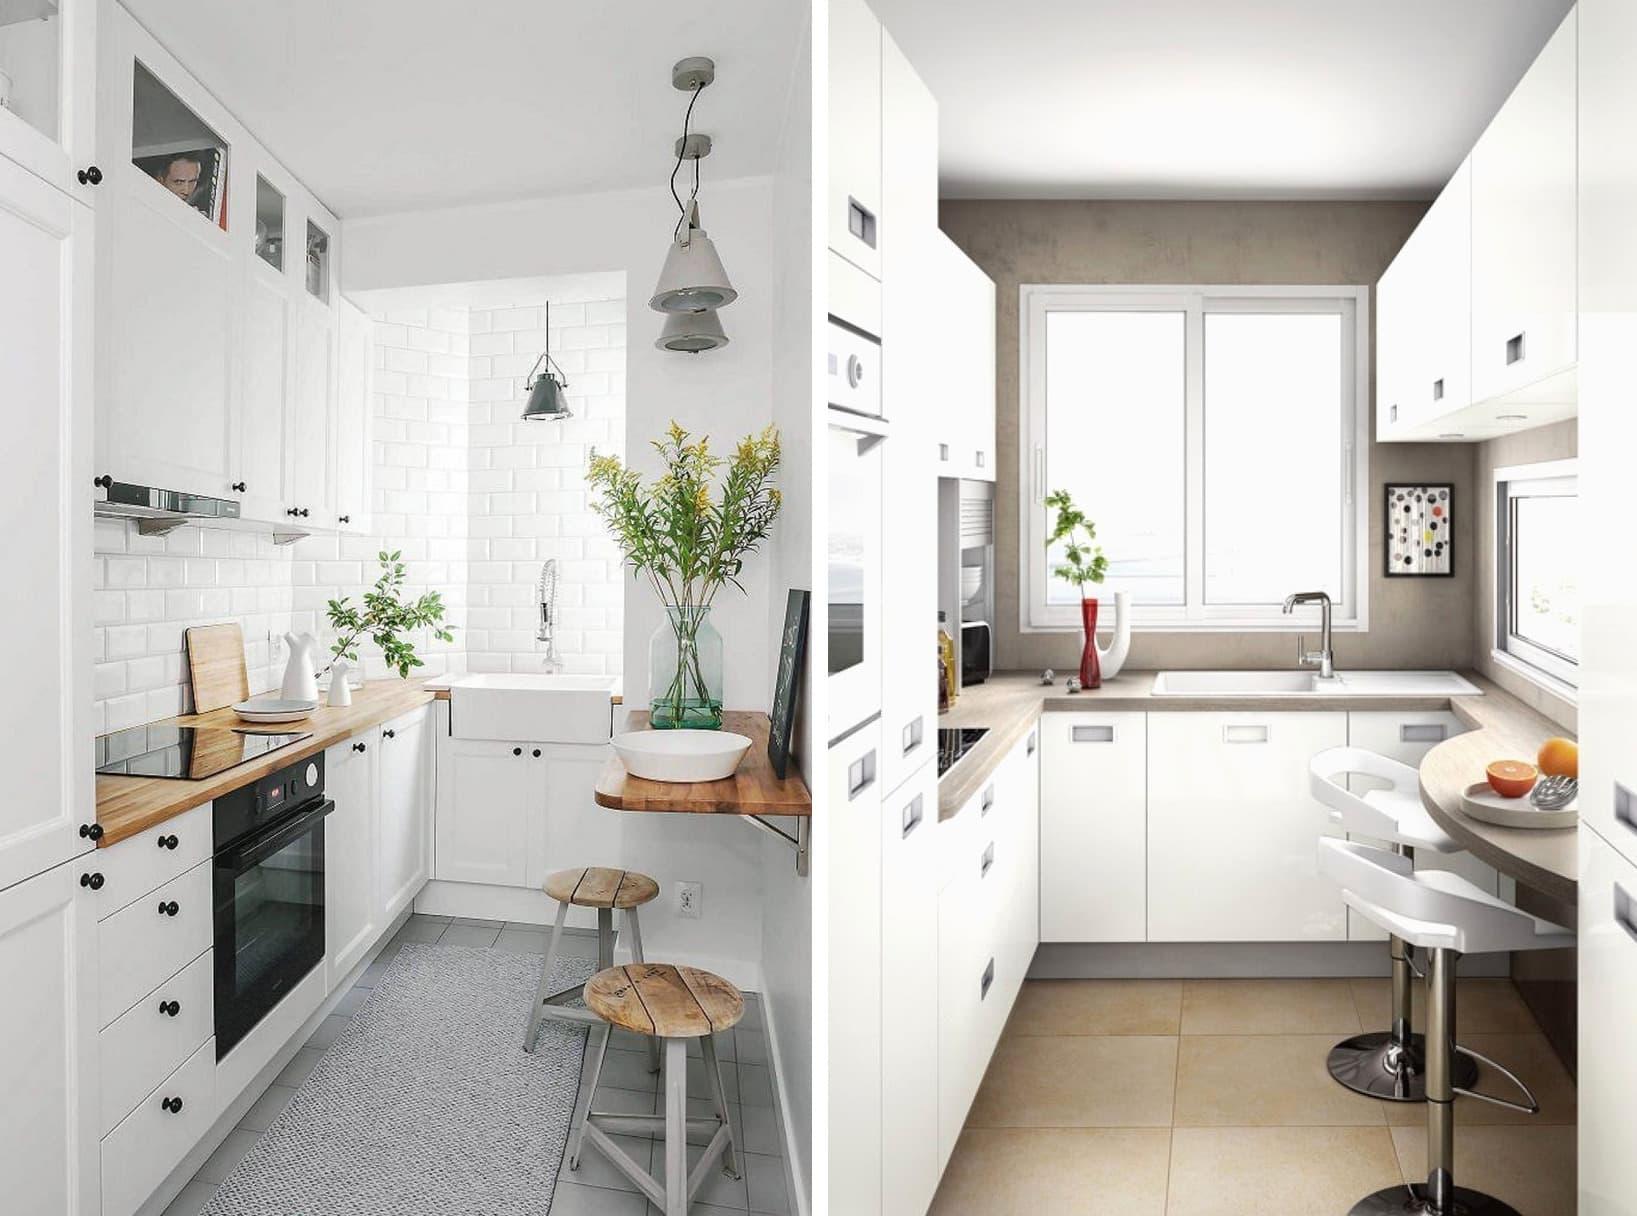 Intérieur de la cuisine en blanc - une façon simple et non compliquée d'éviter la sensation d'un espace trop encombré